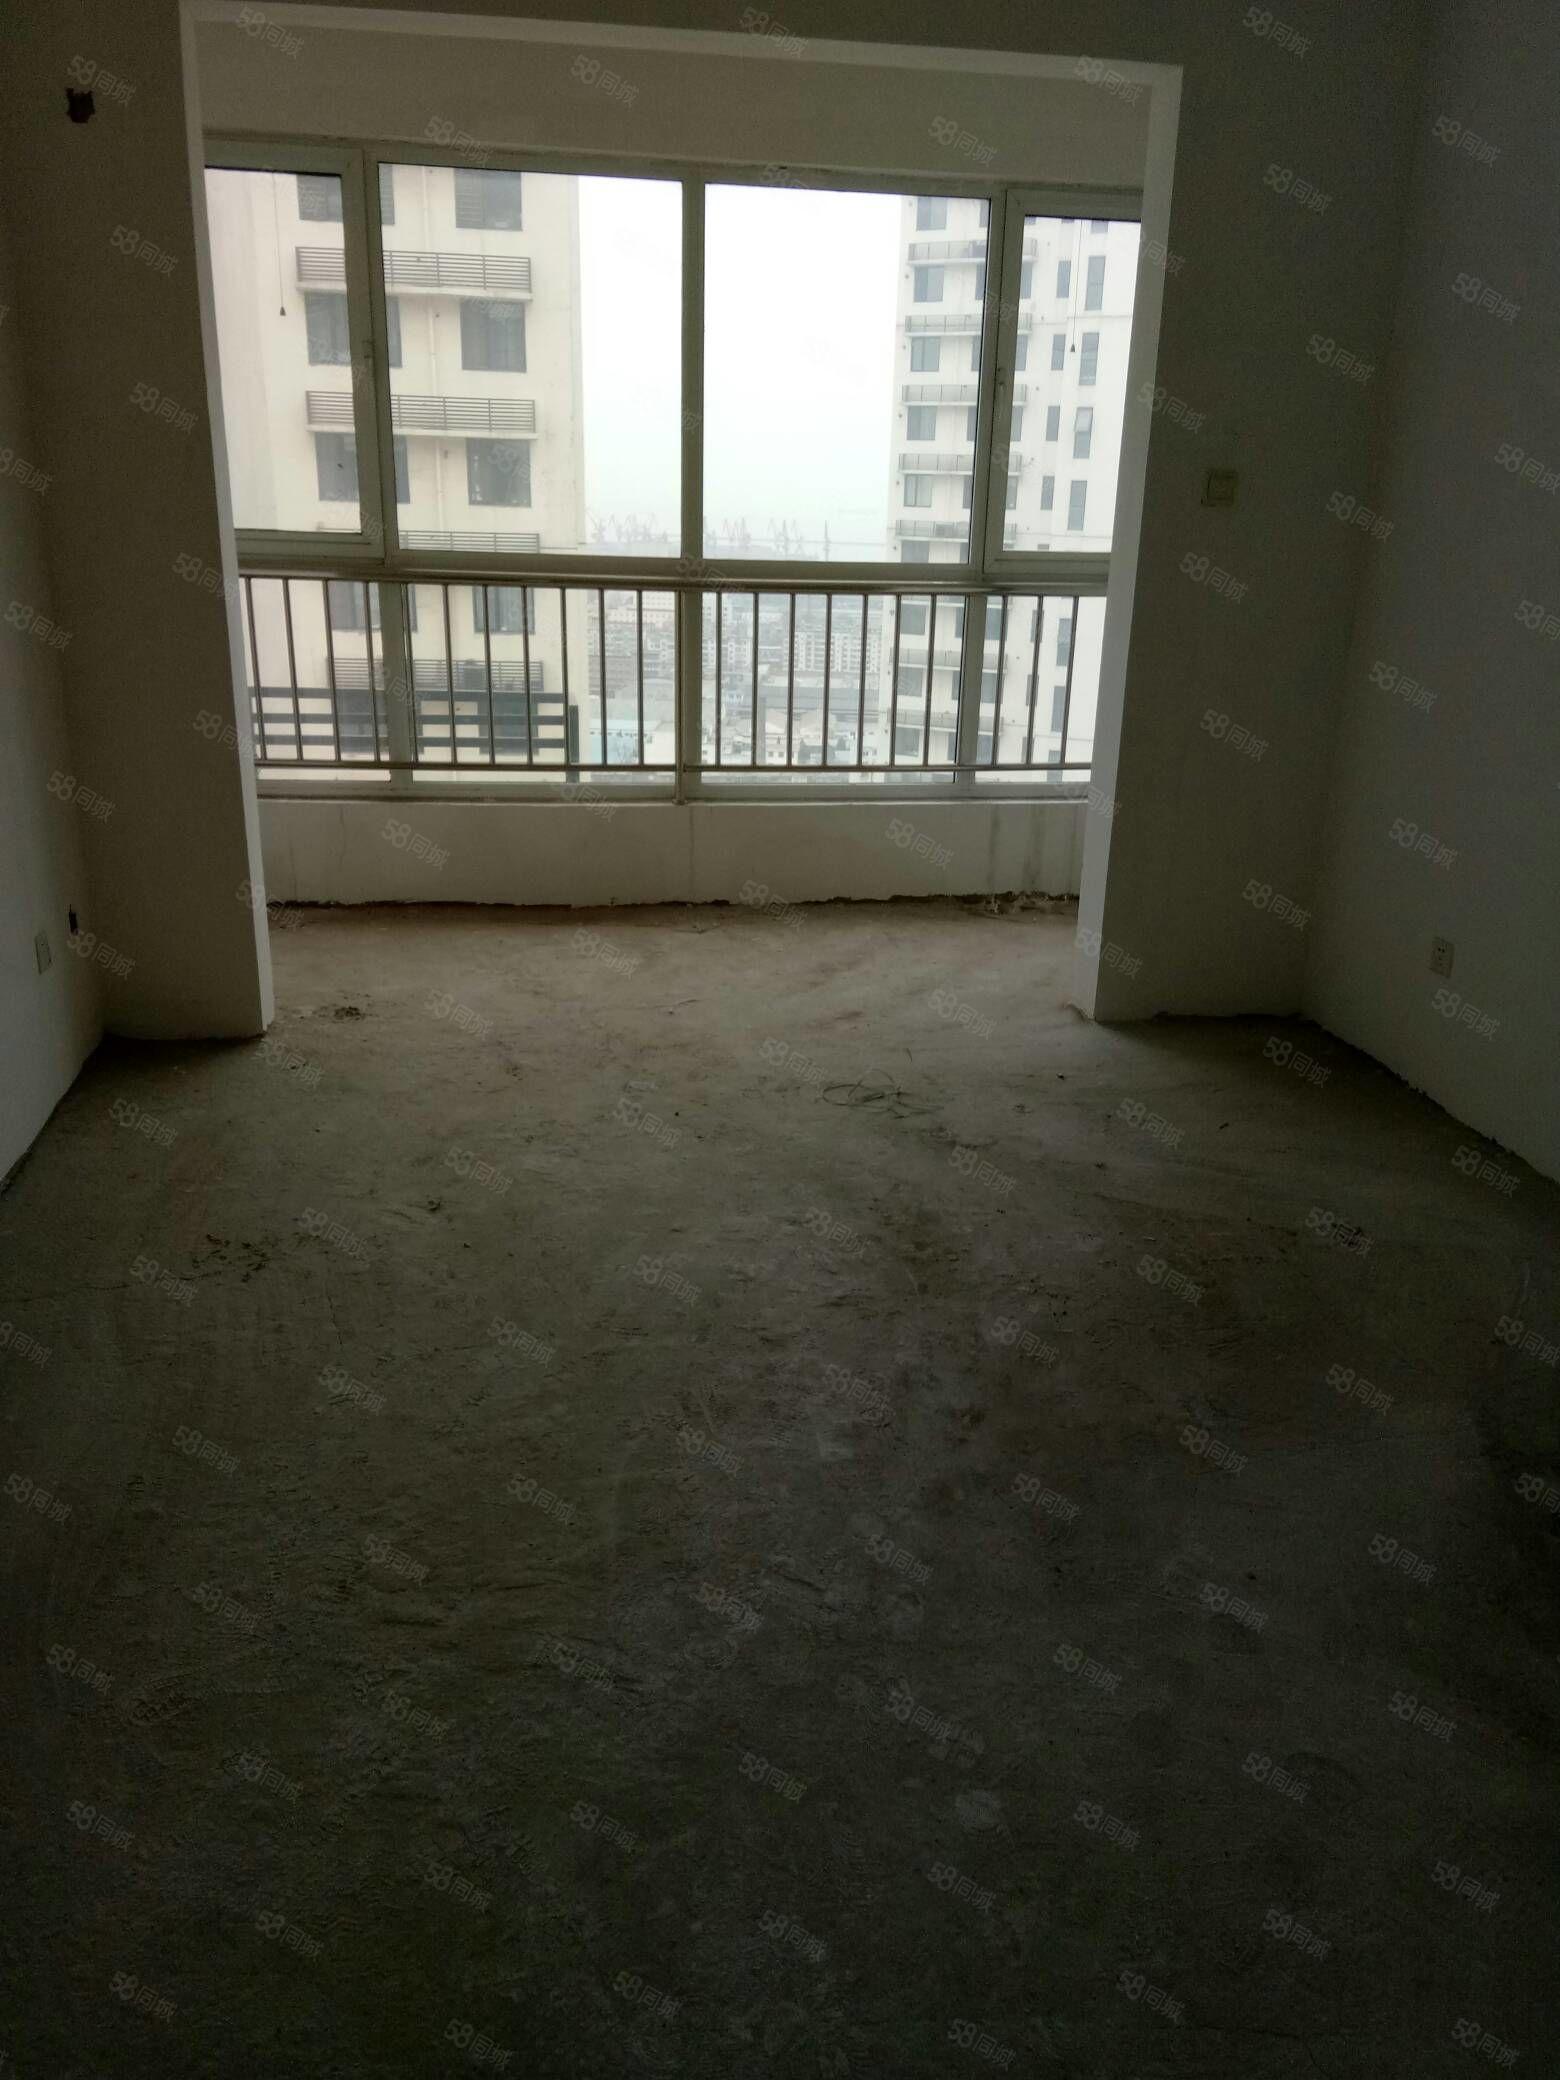 卢龙县蓝钻小区1楼,128平米,4室,5000一平米,新本